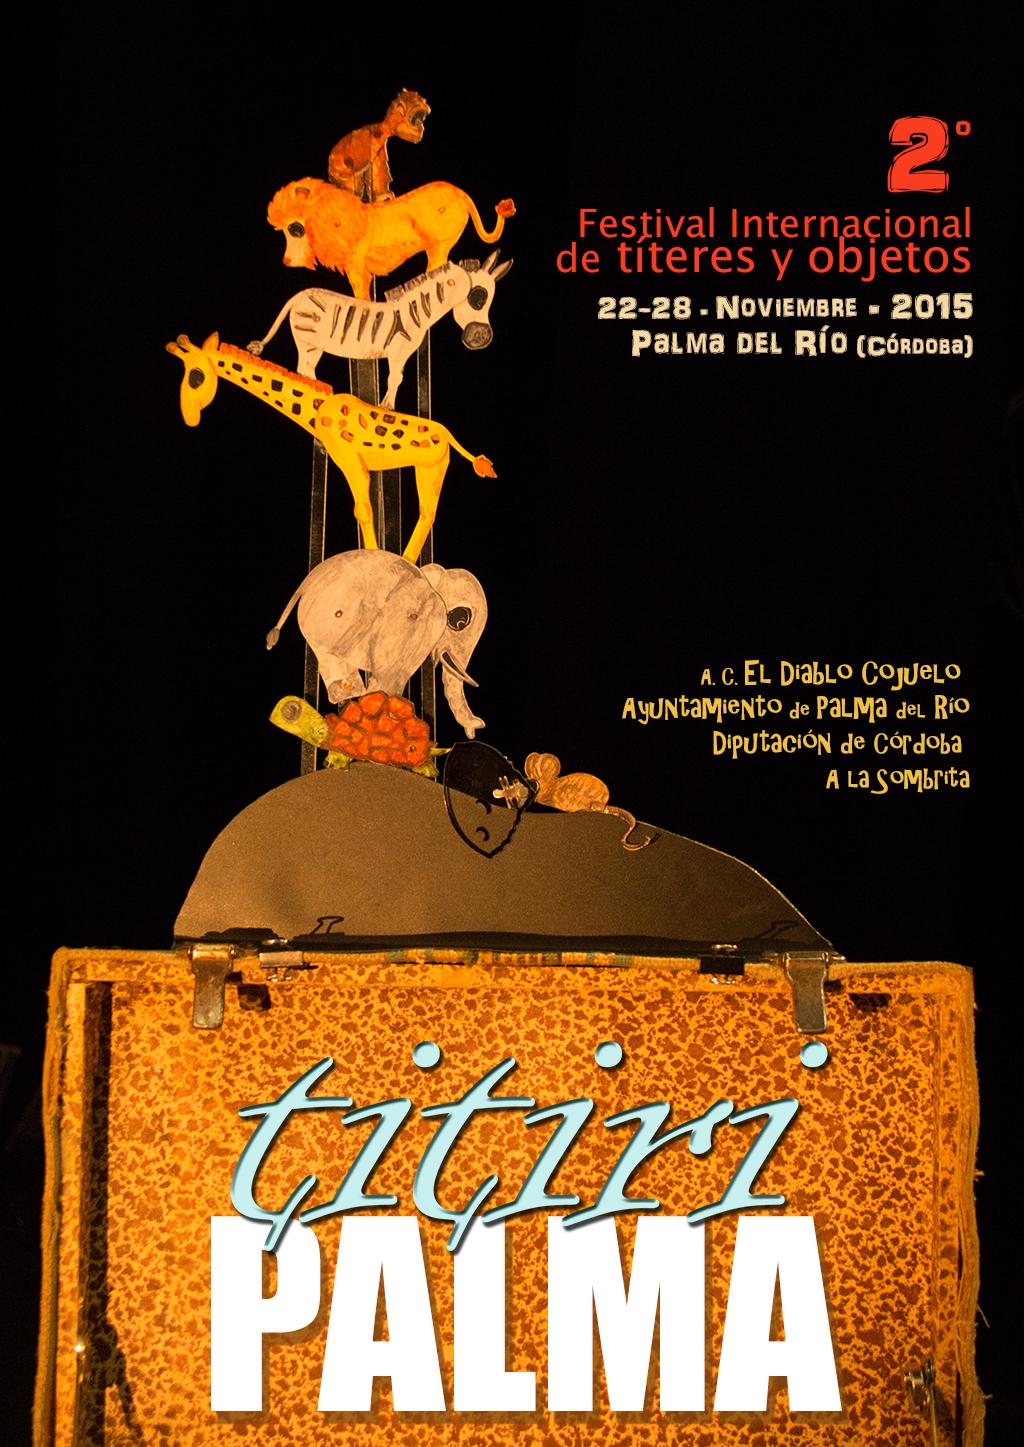 II titiriPALMA 2015 Festival Internacional de Títeres y Objetos de Palma del Río